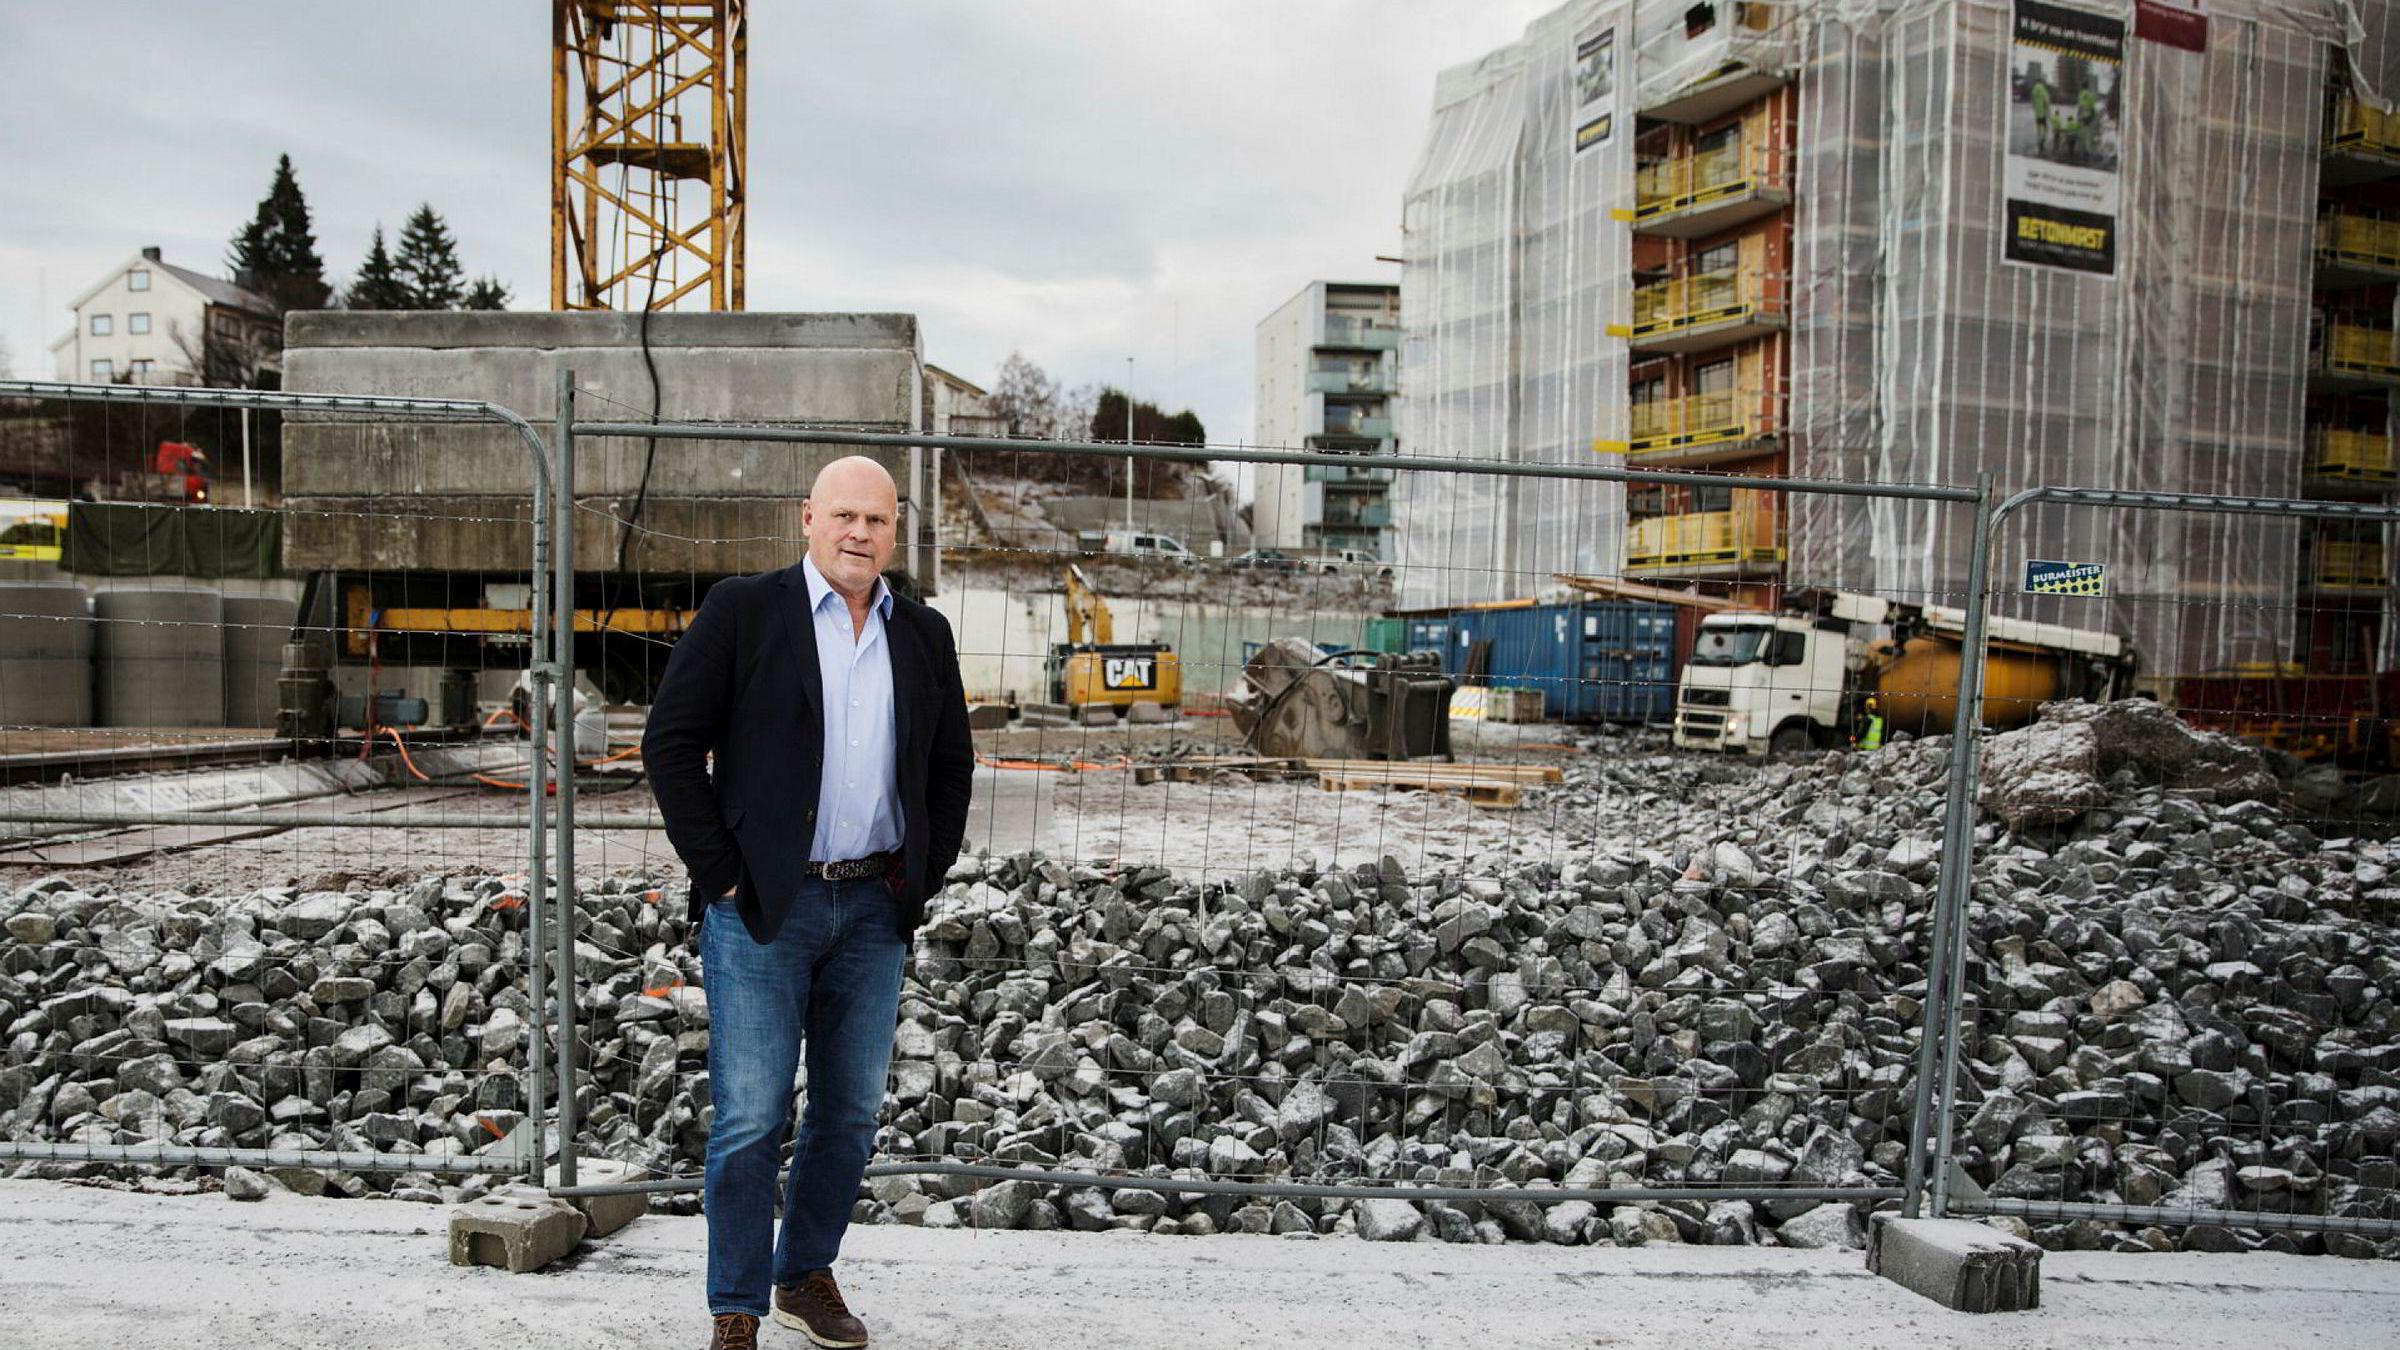 Entrenørgründeren Albert Hæhre i Hæhre Entreprenør er strålende fornøyd med å ha fått kontrakten på 1,8 milliarder kroner for bygging av ny E18 i Telemark.